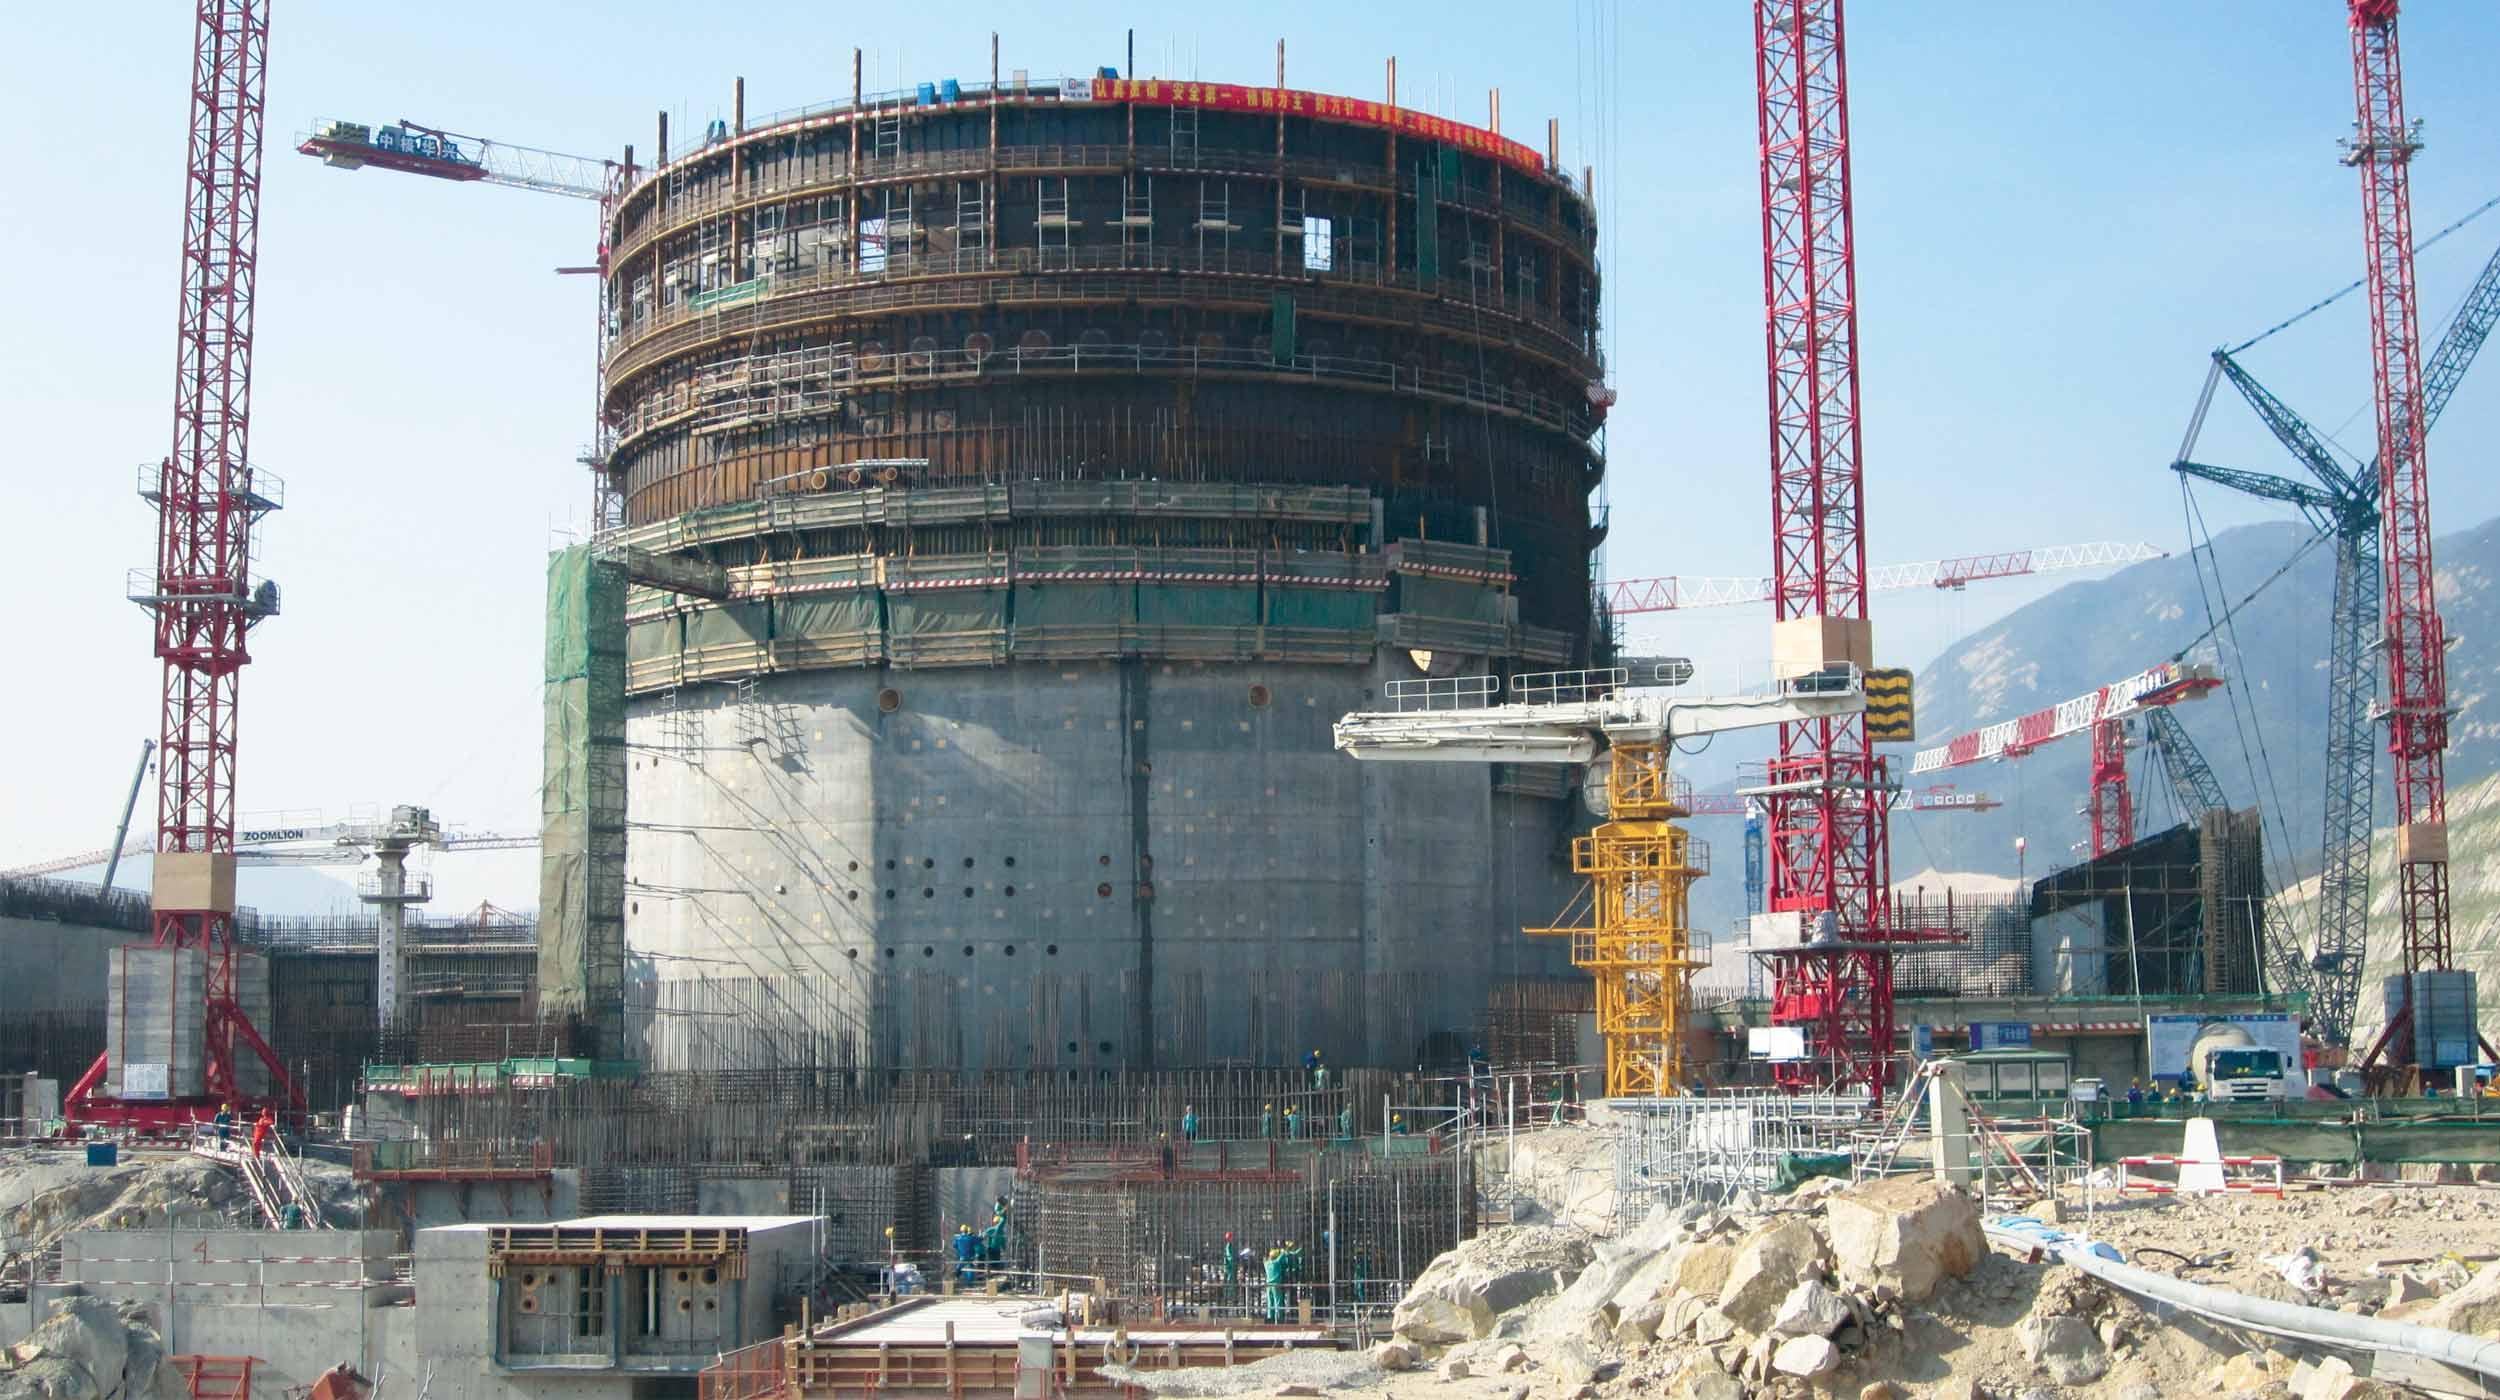 Questa centrale nucleare opera con un reattore EPR ad acqua pressurizzata di terza generazione.